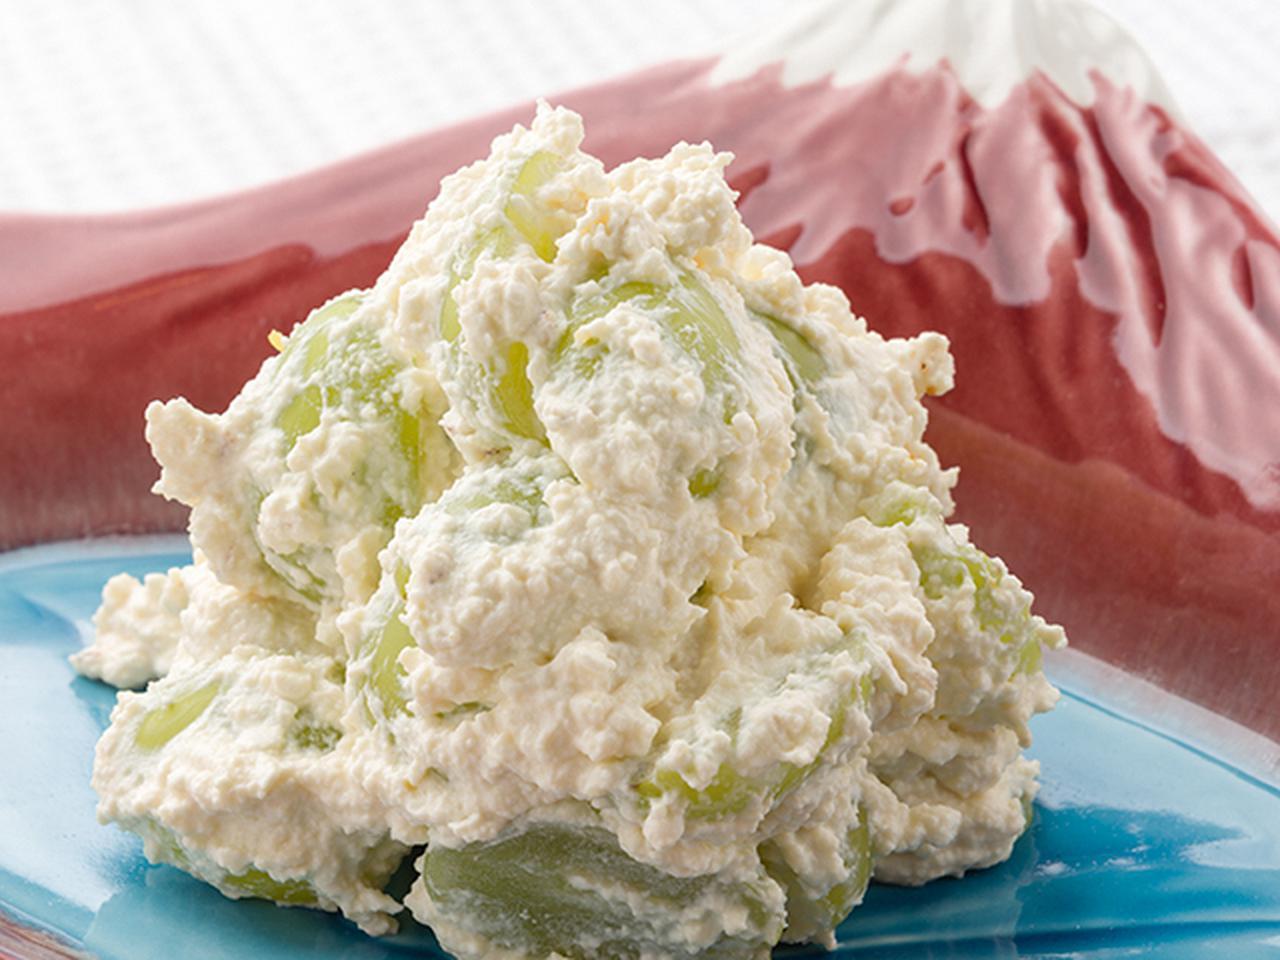 画像: マスカット白和え|豆腐料理|田村隆のあなたも作れる本格和食|EPIRECIPE -エピレシピ-